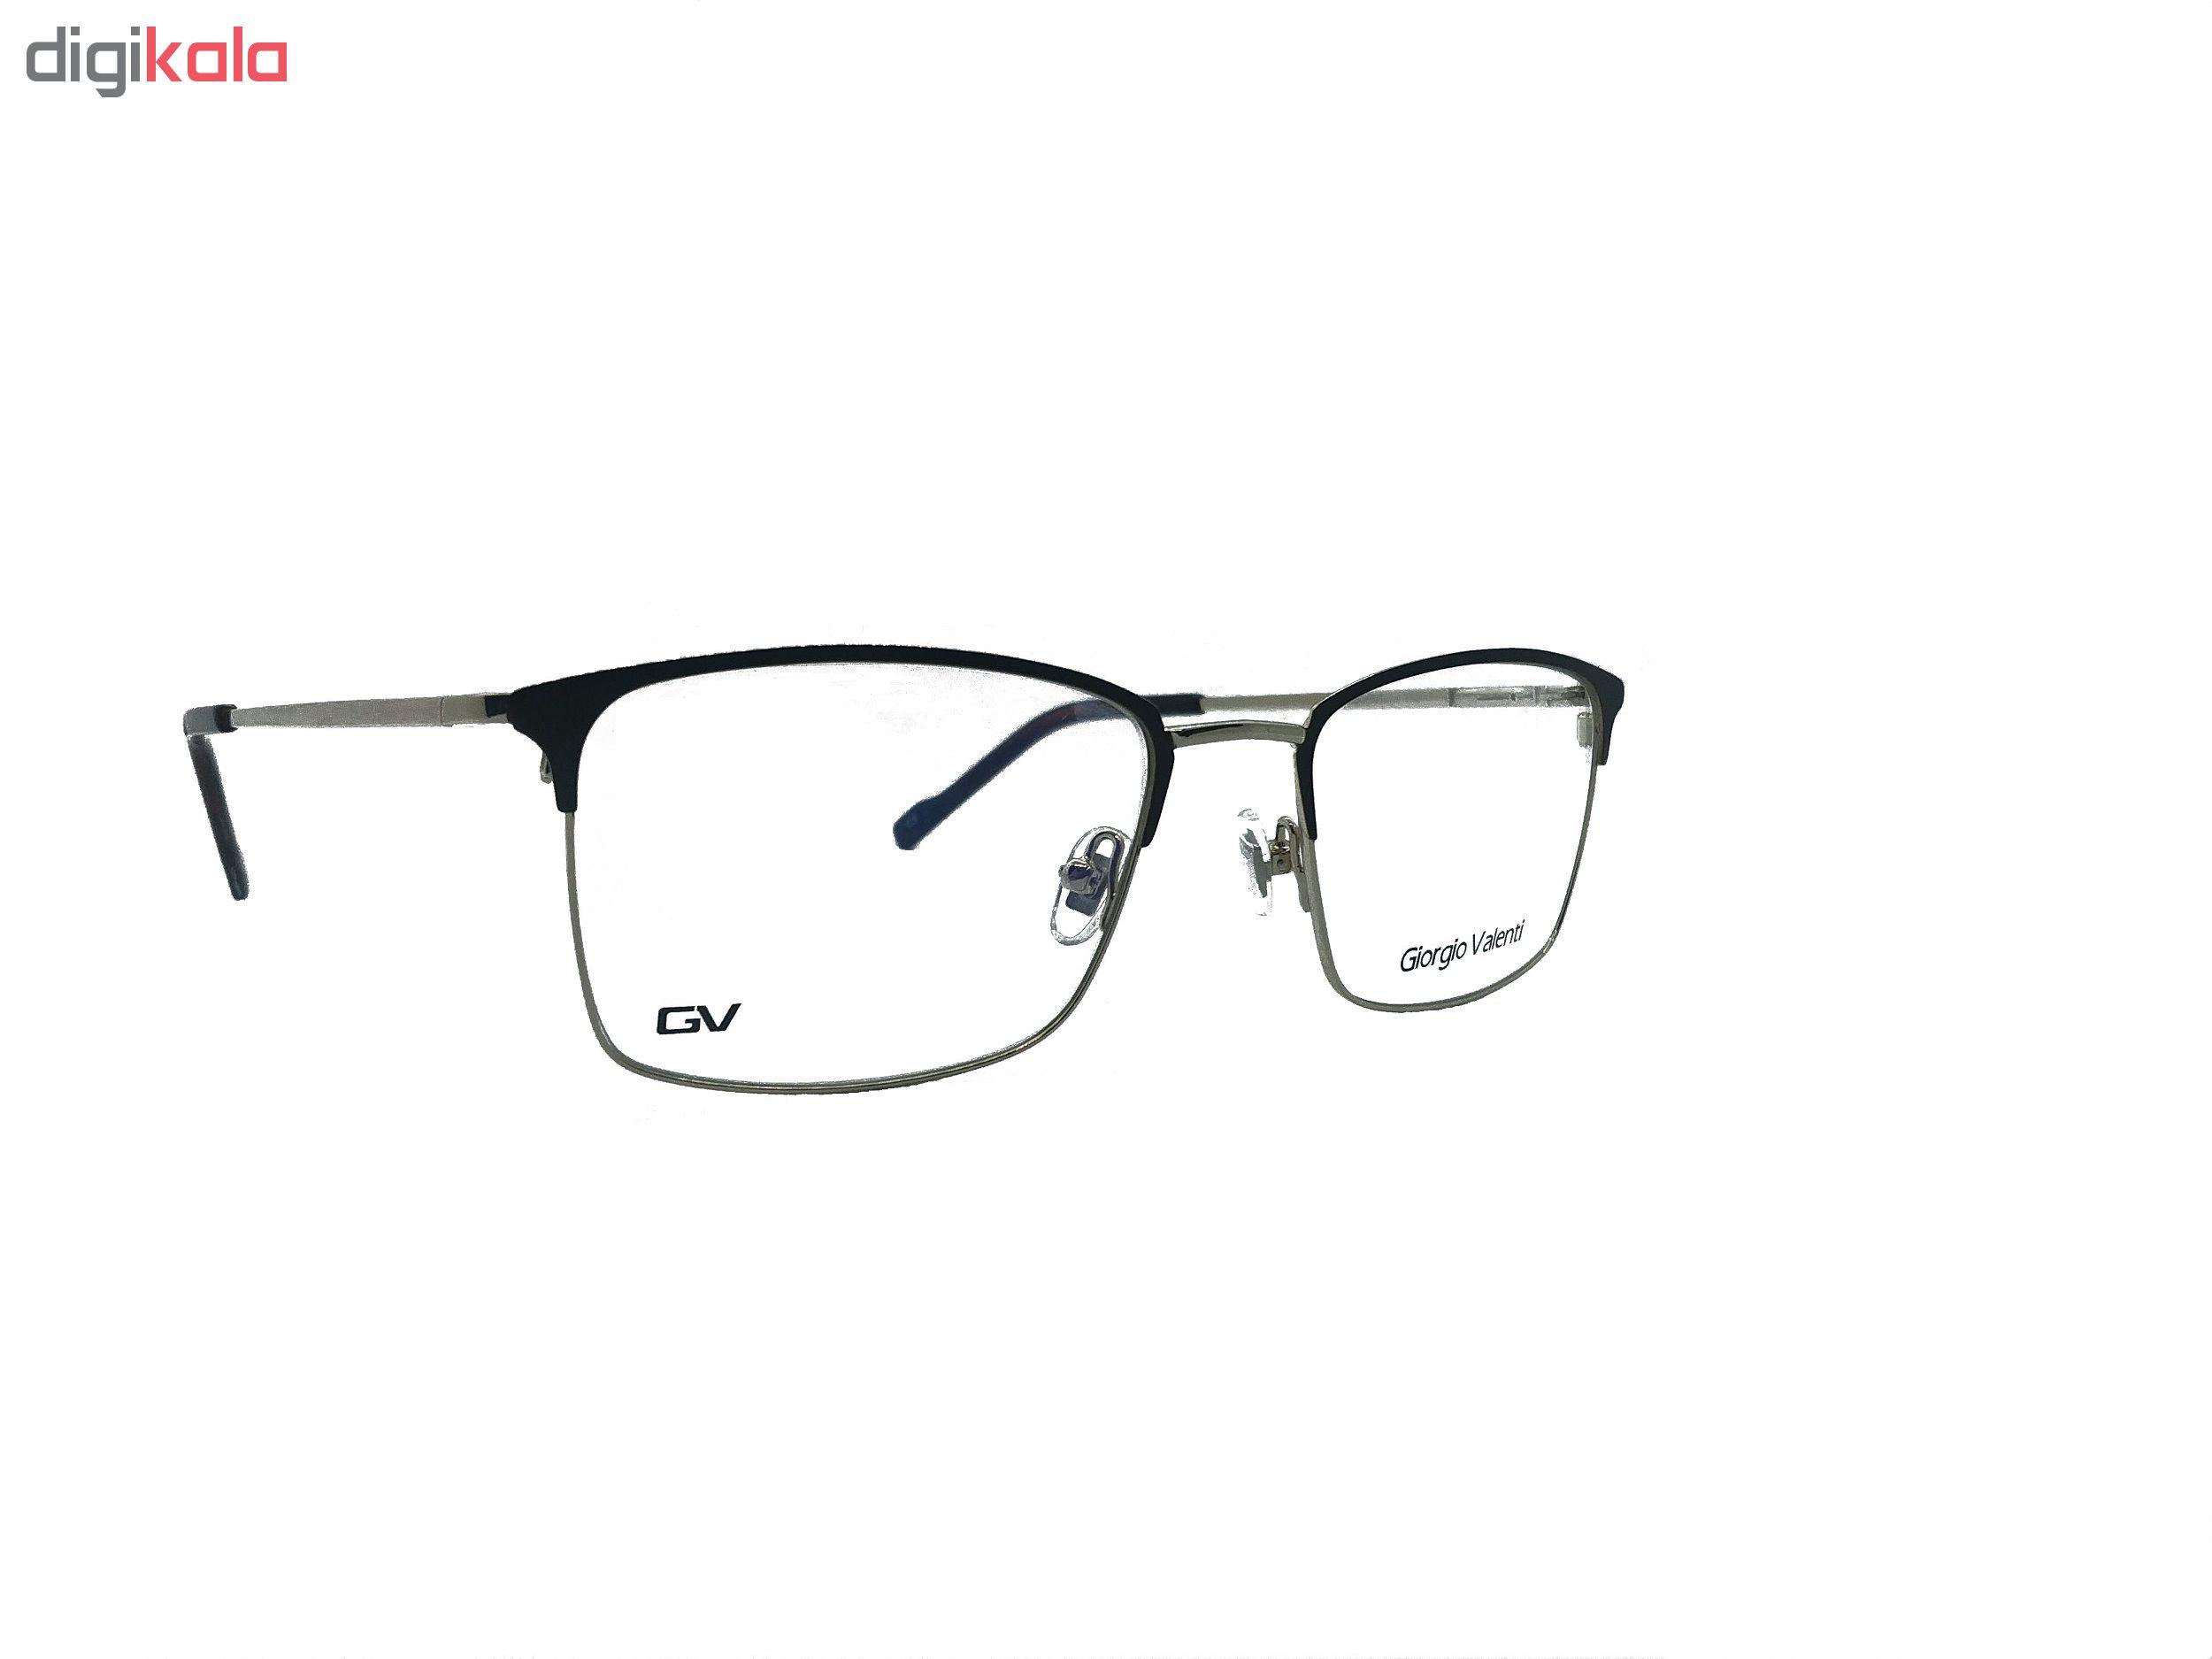 فریم عینک طبی مردانه جورجیو ولنتی مدل GV-4460